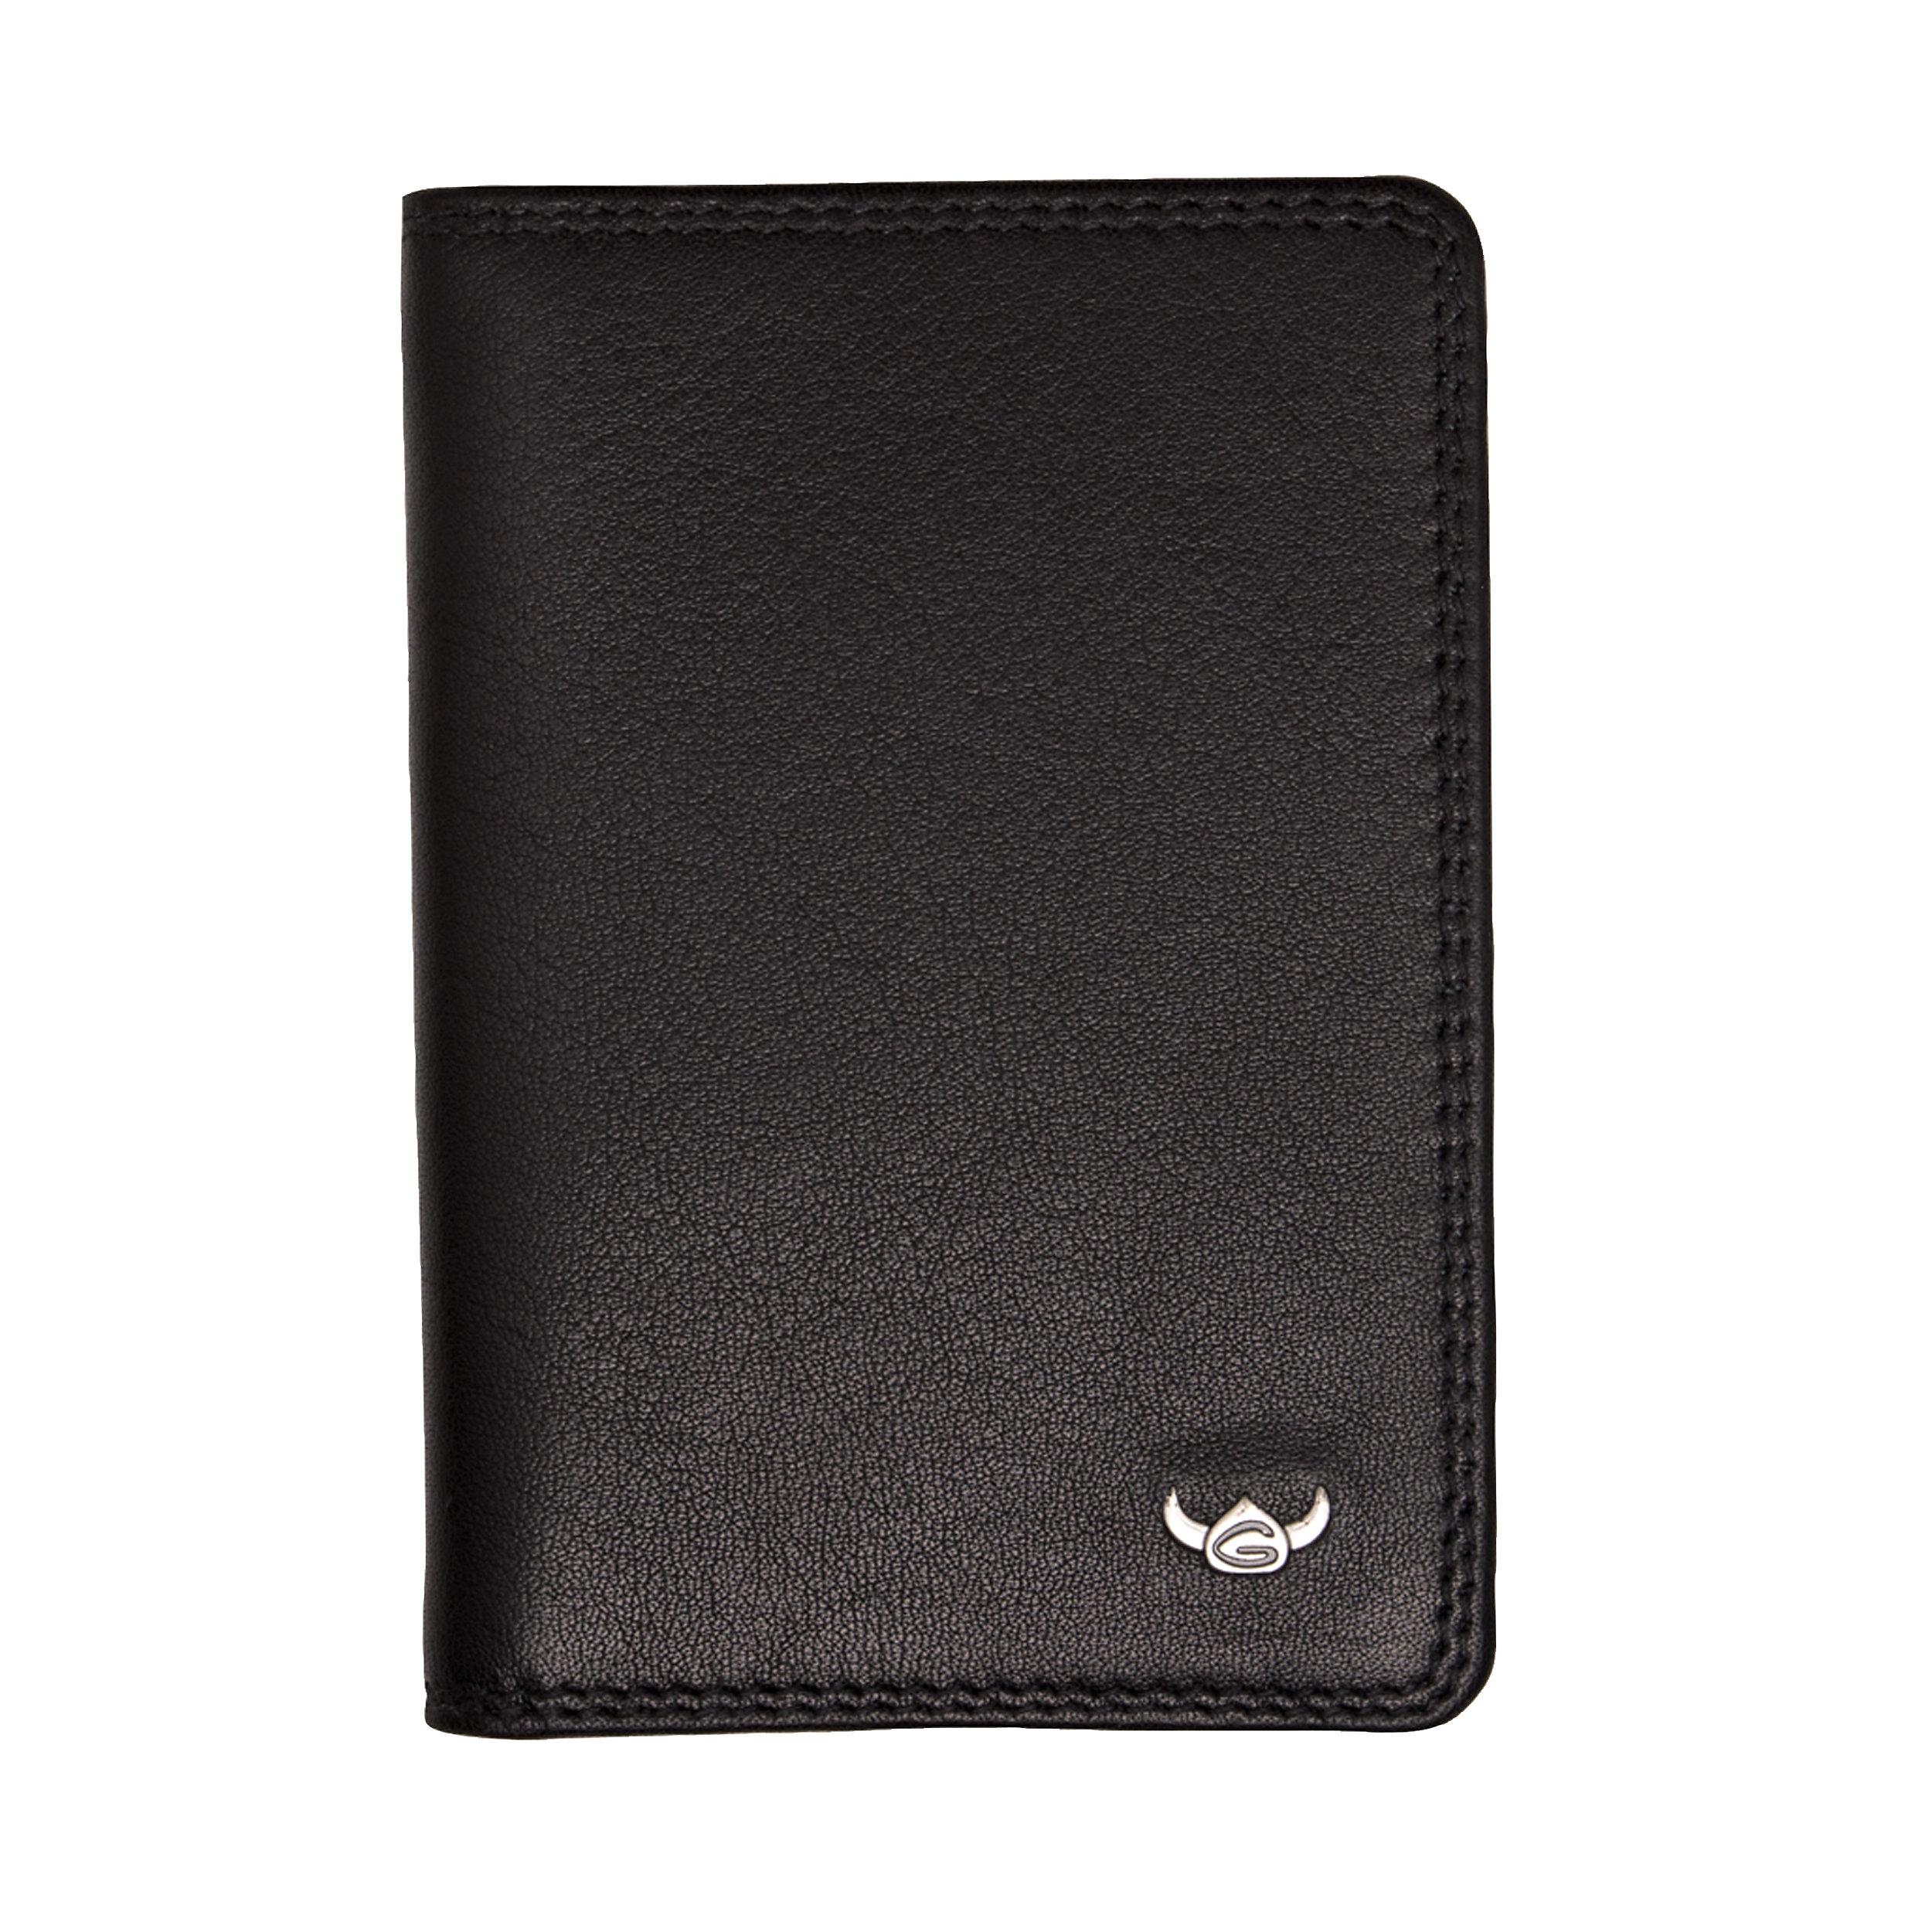 Kreditkartenetui 10KK Polo RFID Protect